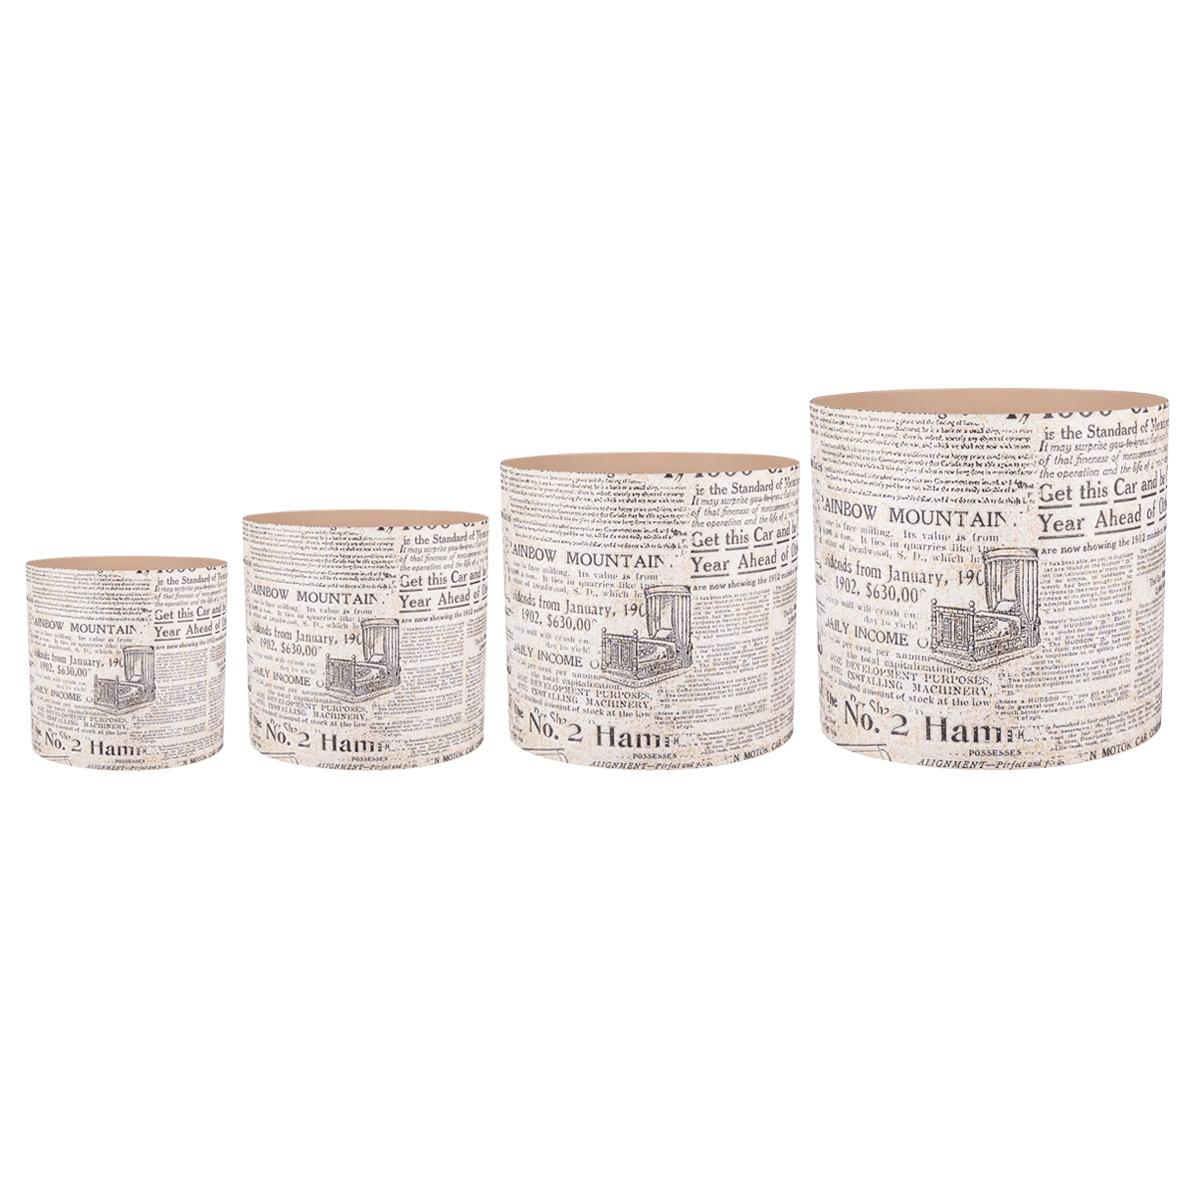 Набор горшков для цветов Miolla Газетный стиль, со скрытым поддоном, 4 предметаSMG-SET20Набор Miolla Газетный стиль состоит из 4 горшков со скрытыми поддонами. Горшкивыполнены из пластика и декорированы красочным рисунком. Изделия предназначены для цветов.Такие изделия часто становятся последним штрихом, который совершенно изменяет интерьер помещения или ландшафтный дизайн сада. Благодаря такому набору вы сможете украсить вашу комнату, офис, сад и другие места. Изделия оснащены специальными скрытыми поддонами.Диаметр горшков: 20,5 см, 16,5 см, 13,5 см, 11,5 см.Высота горшков (с учетом поддона): 19 см, 16 см, 13,5 см, 11,5 см.Объем горшков: 1 л, 1,7 л, 2,8 л, 5,1 л.